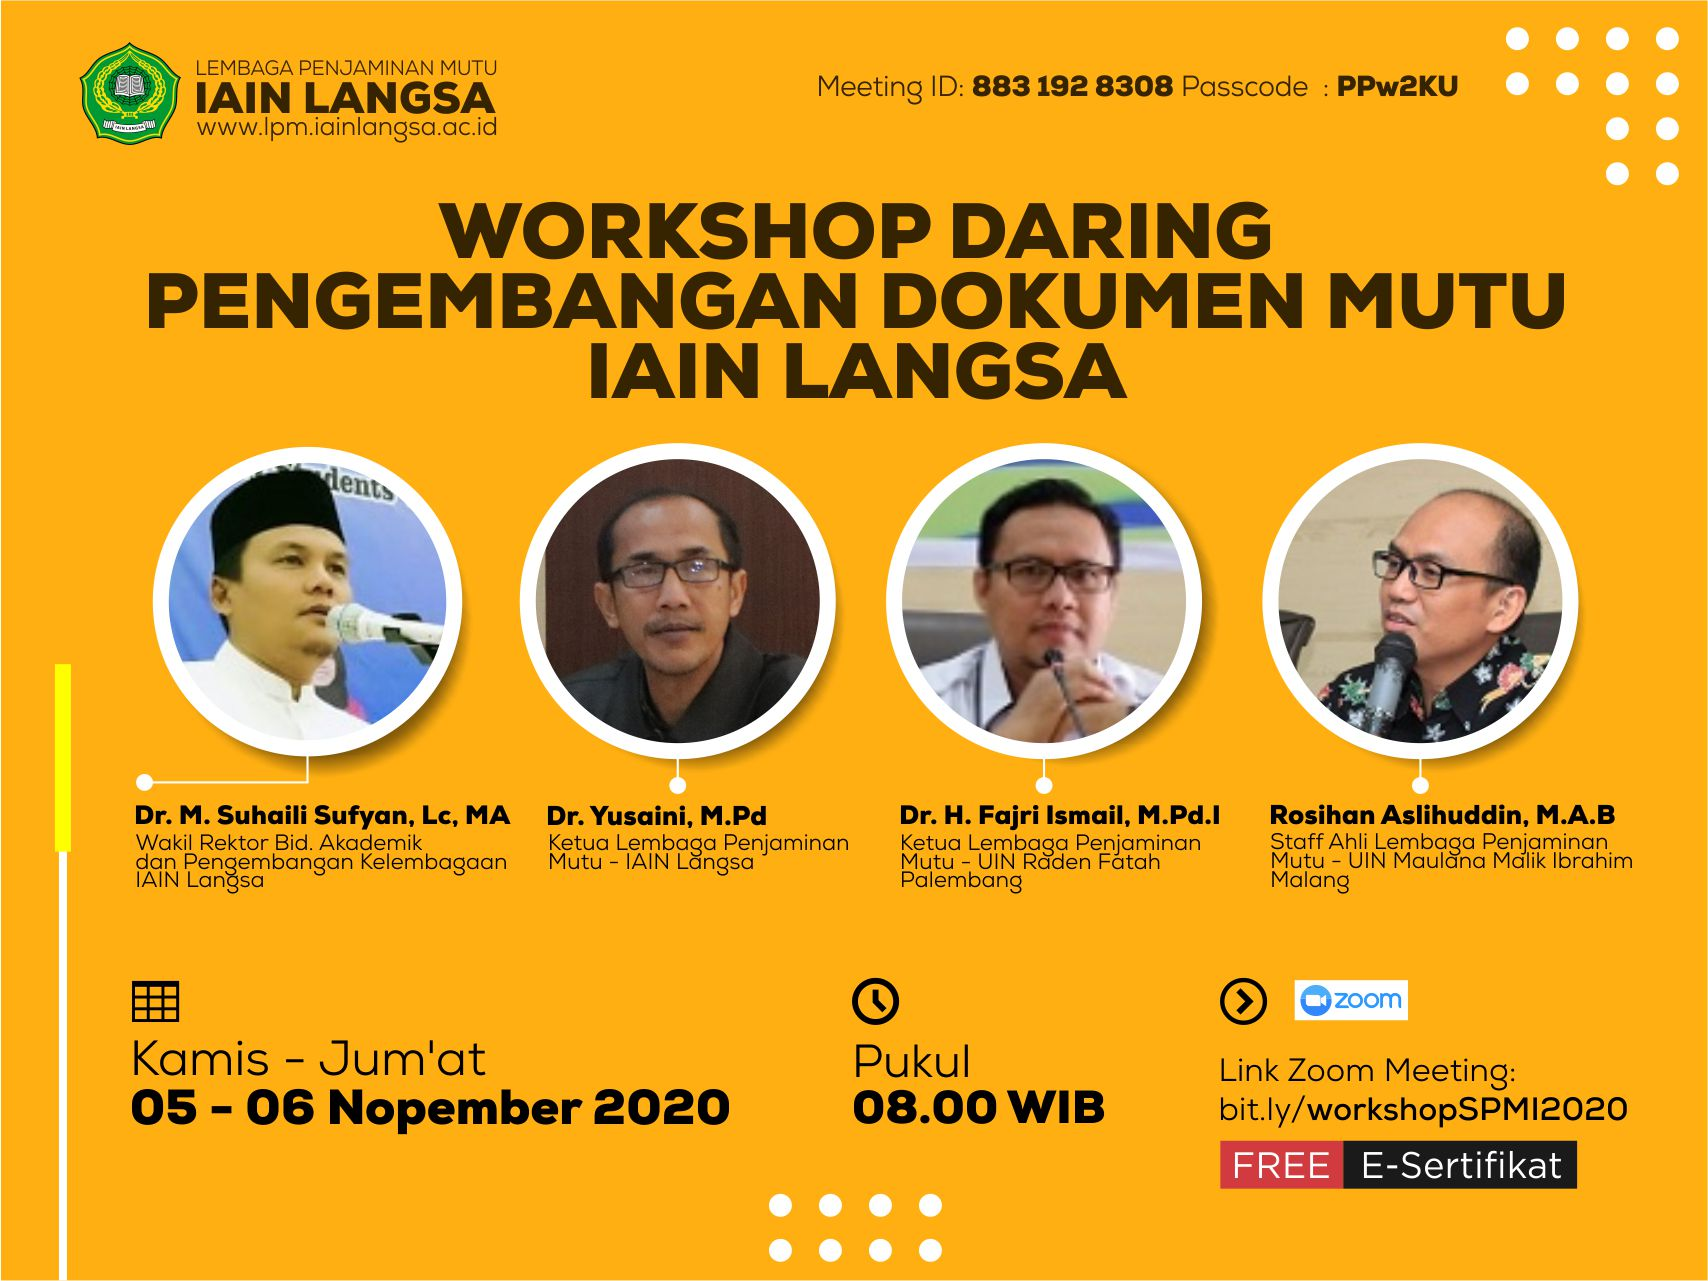 Workshop Daring Pengembangan Dokumen SPMI